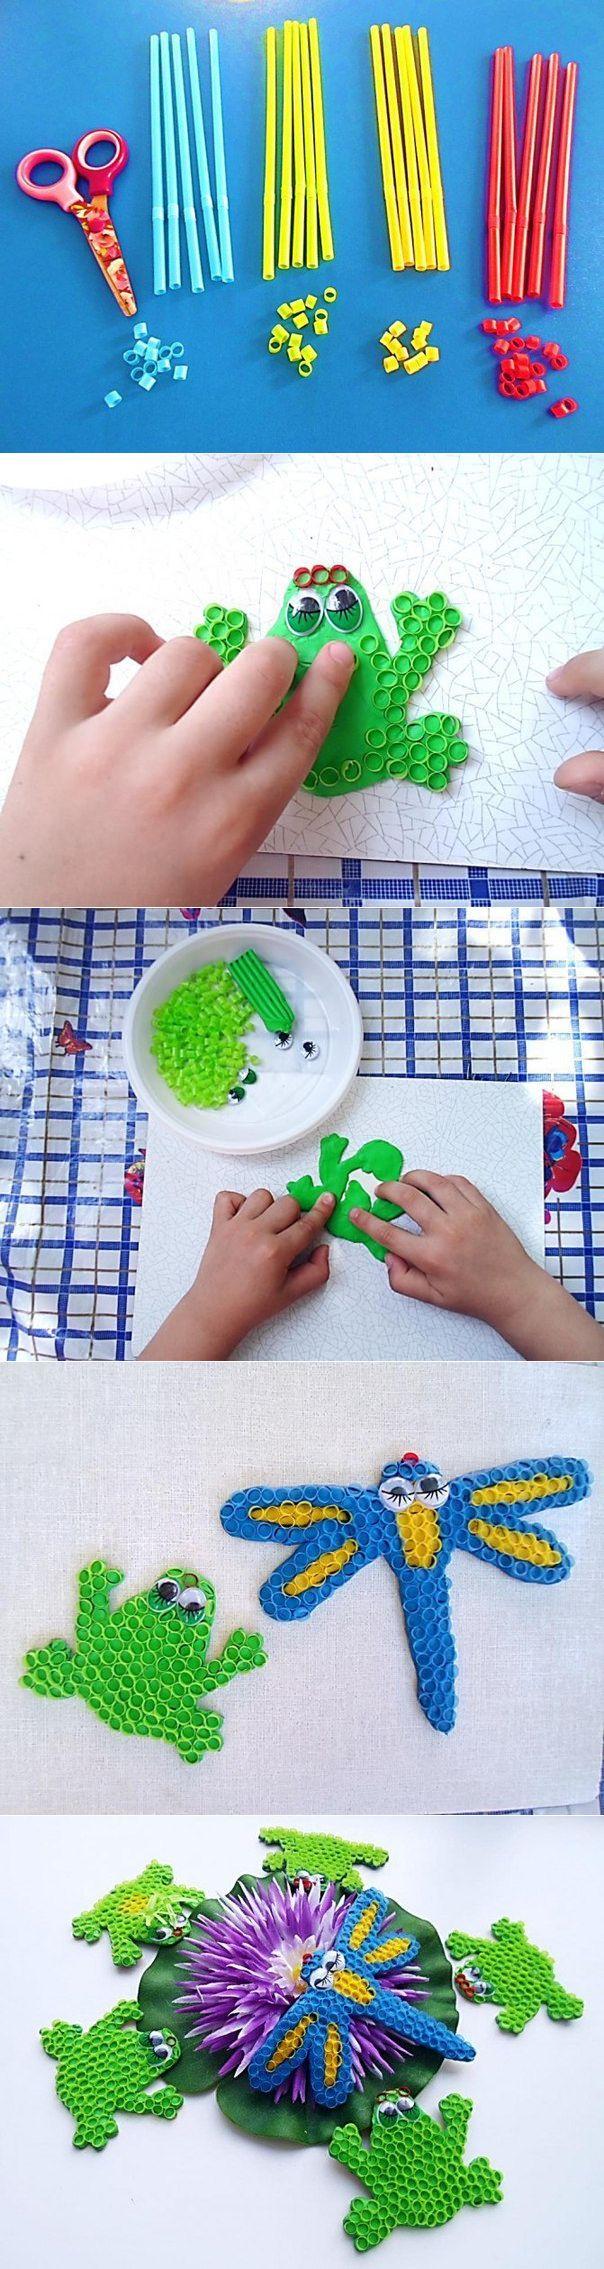 Развиваем малыша – Isabela Pereira